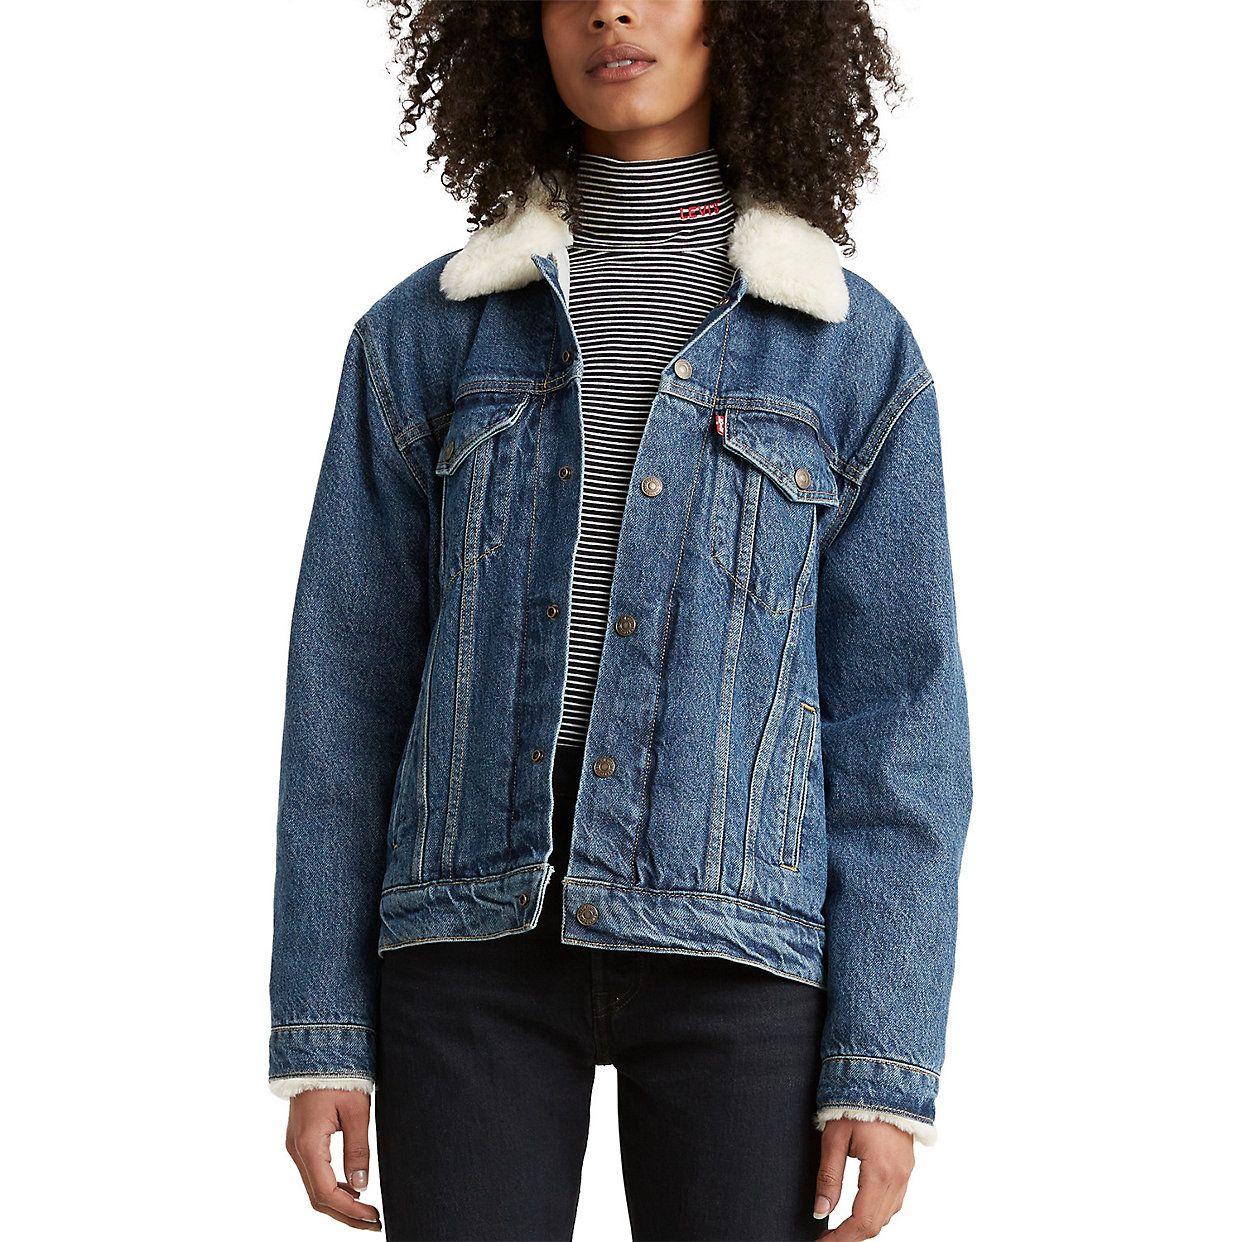 Women S Levi S Sherpa Lined Ex Boyfriend Trucker Jacket Jacket Outfit Women Denim Women Denim Jacket Trend [ 1242 x 1242 Pixel ]